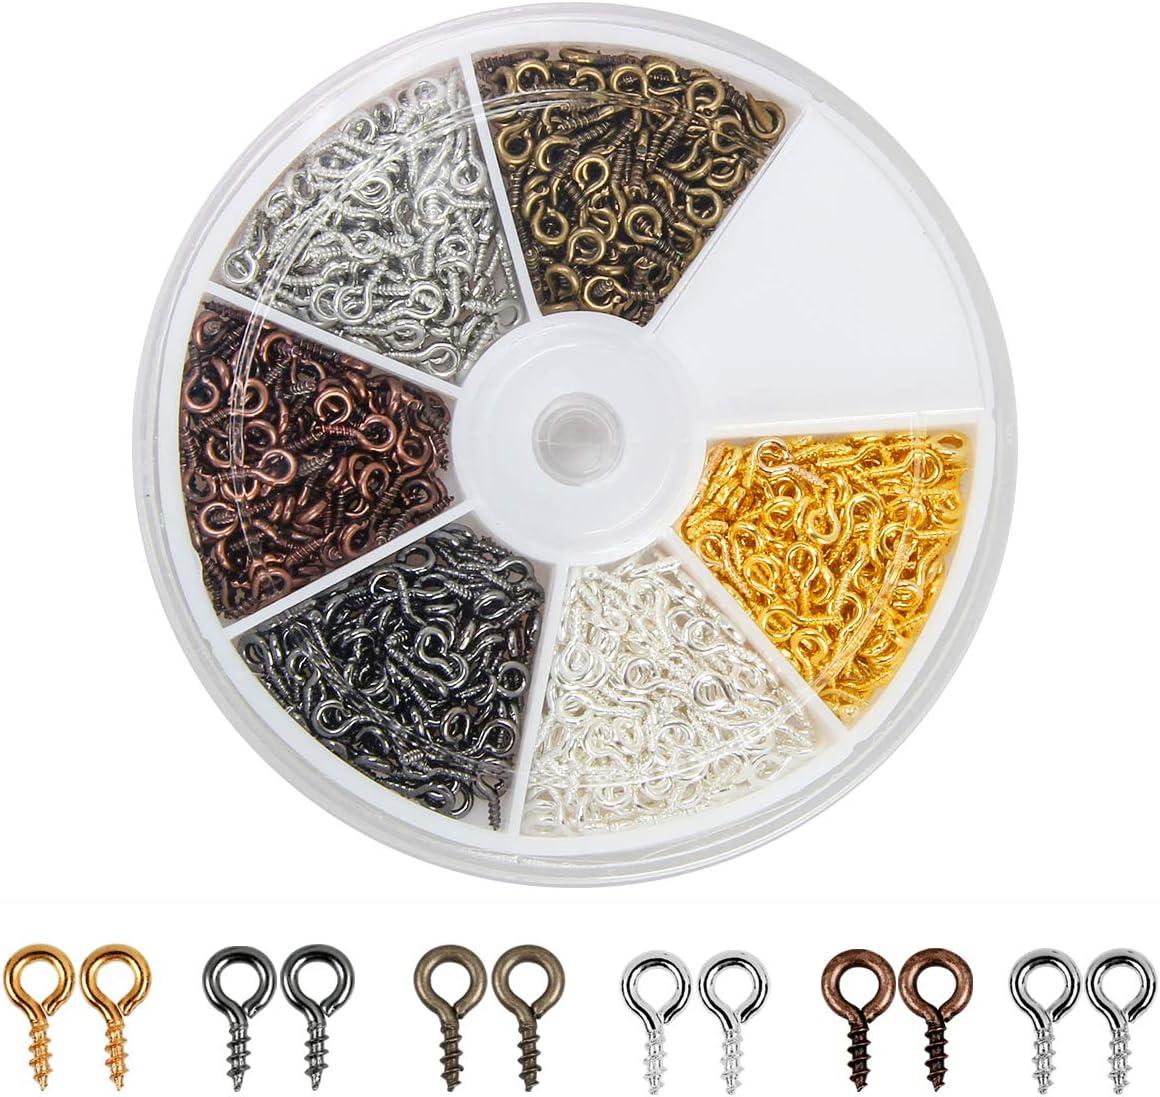 Pasadores ojo de tornillo para joyeria (600 pack, 6 colores)